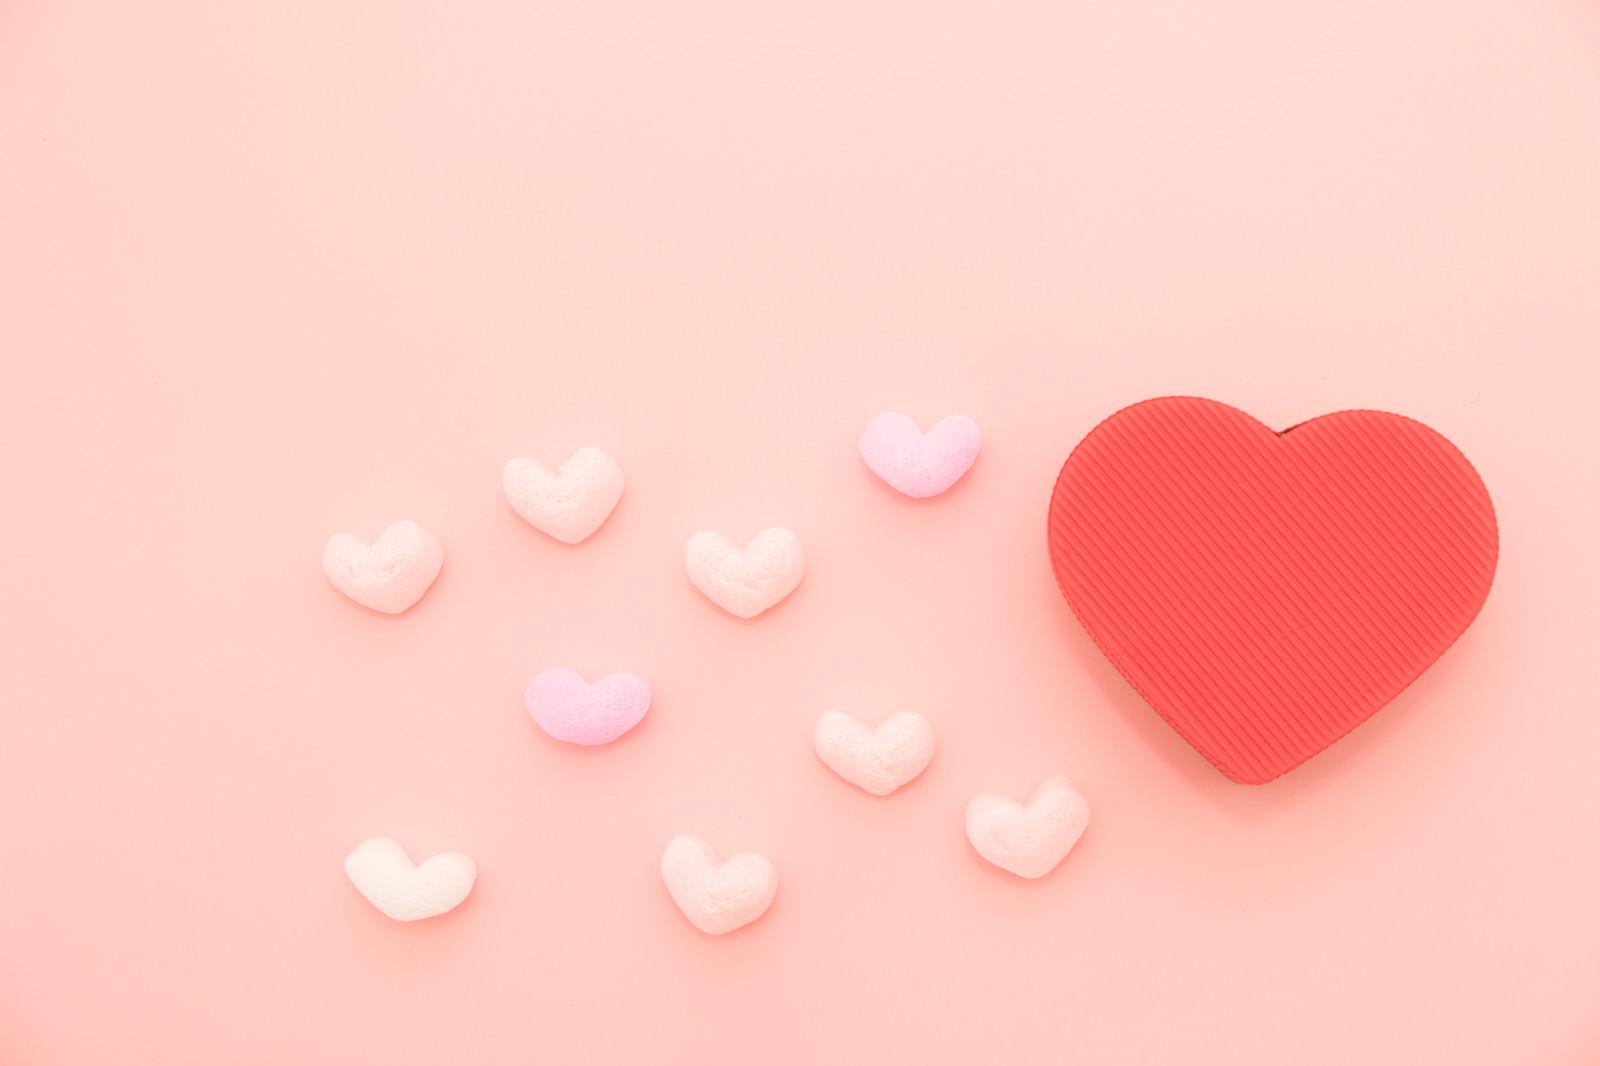 名古屋初・性格傾向を知るためのエゴグラムテストのできる結婚相談所